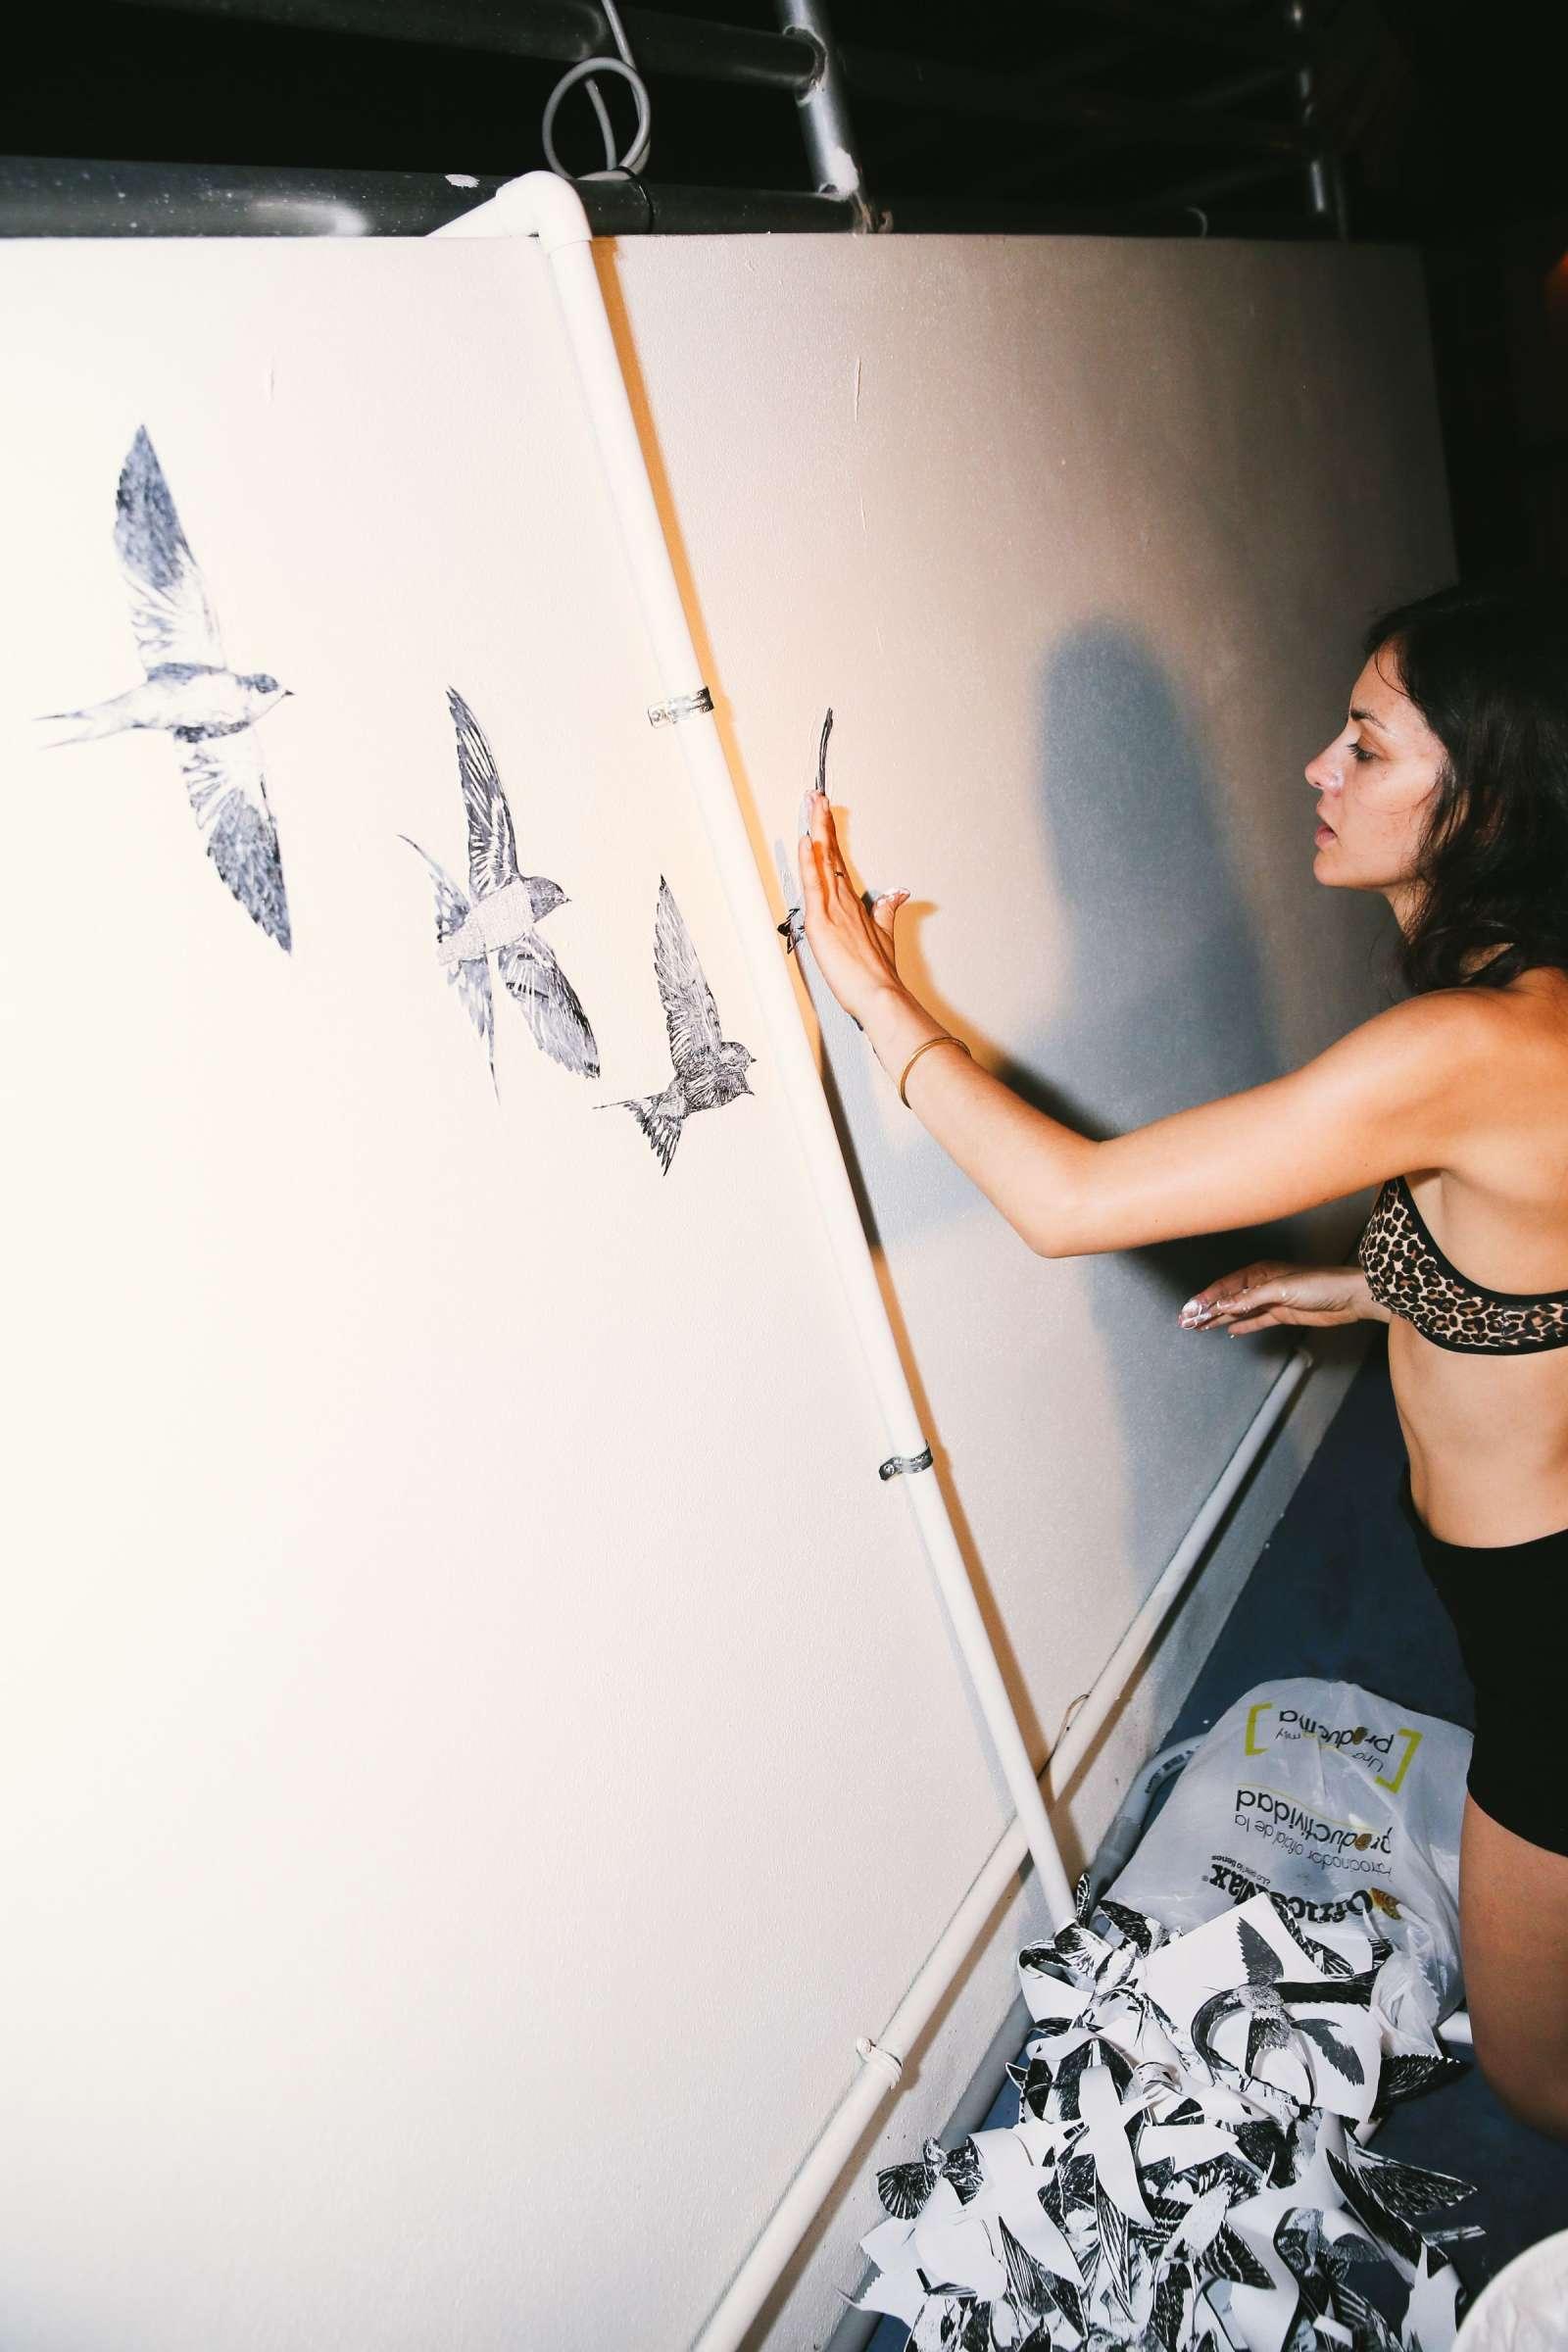 Cleavage Kagney Linn Karter nudes (58 photos), Tits, Bikini, Boobs, see through 2019